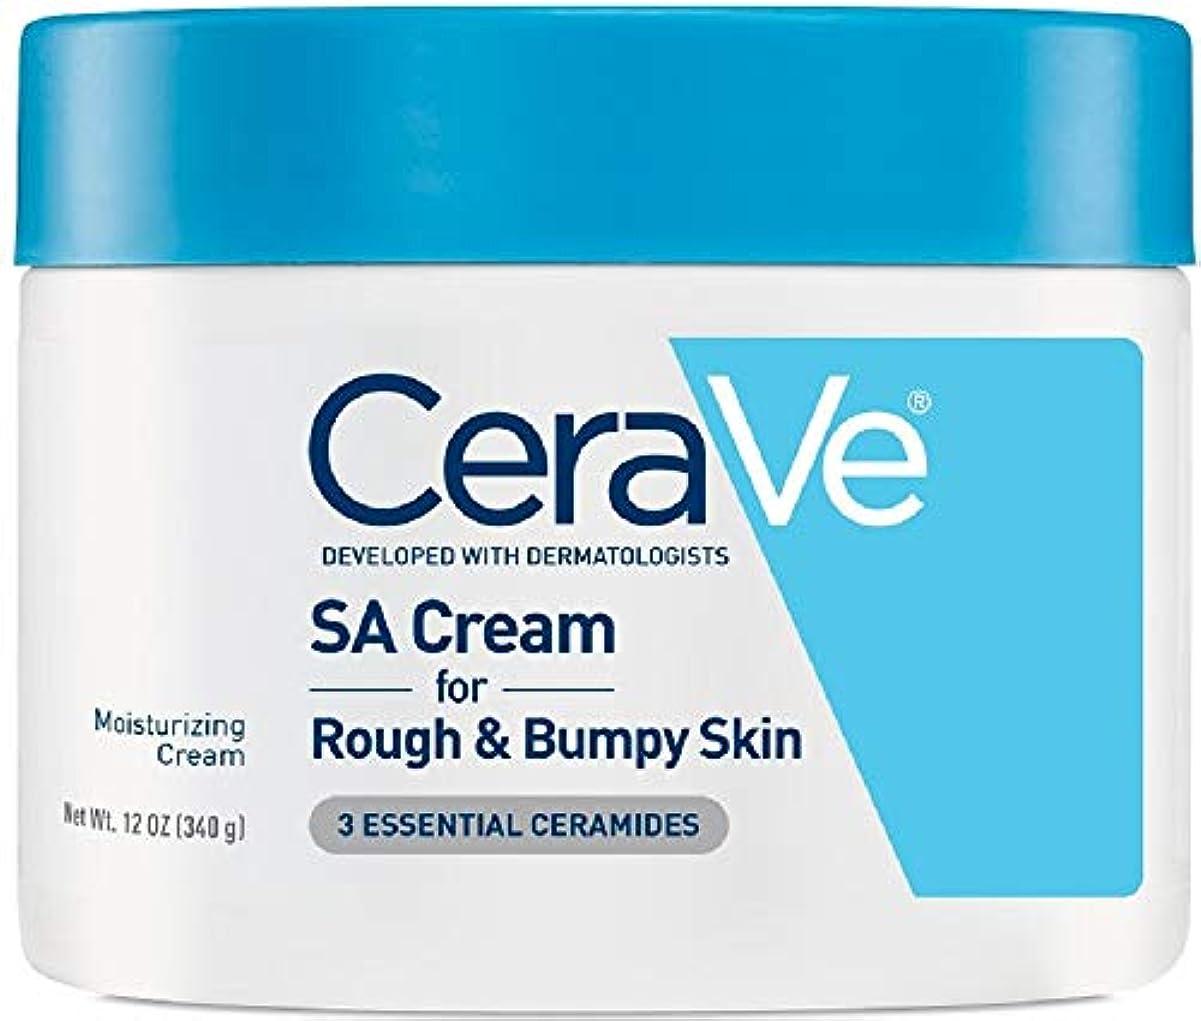 普及直感アナロジー海外直送品Cerave CeraVe Renewing SA Cream, 12 oz